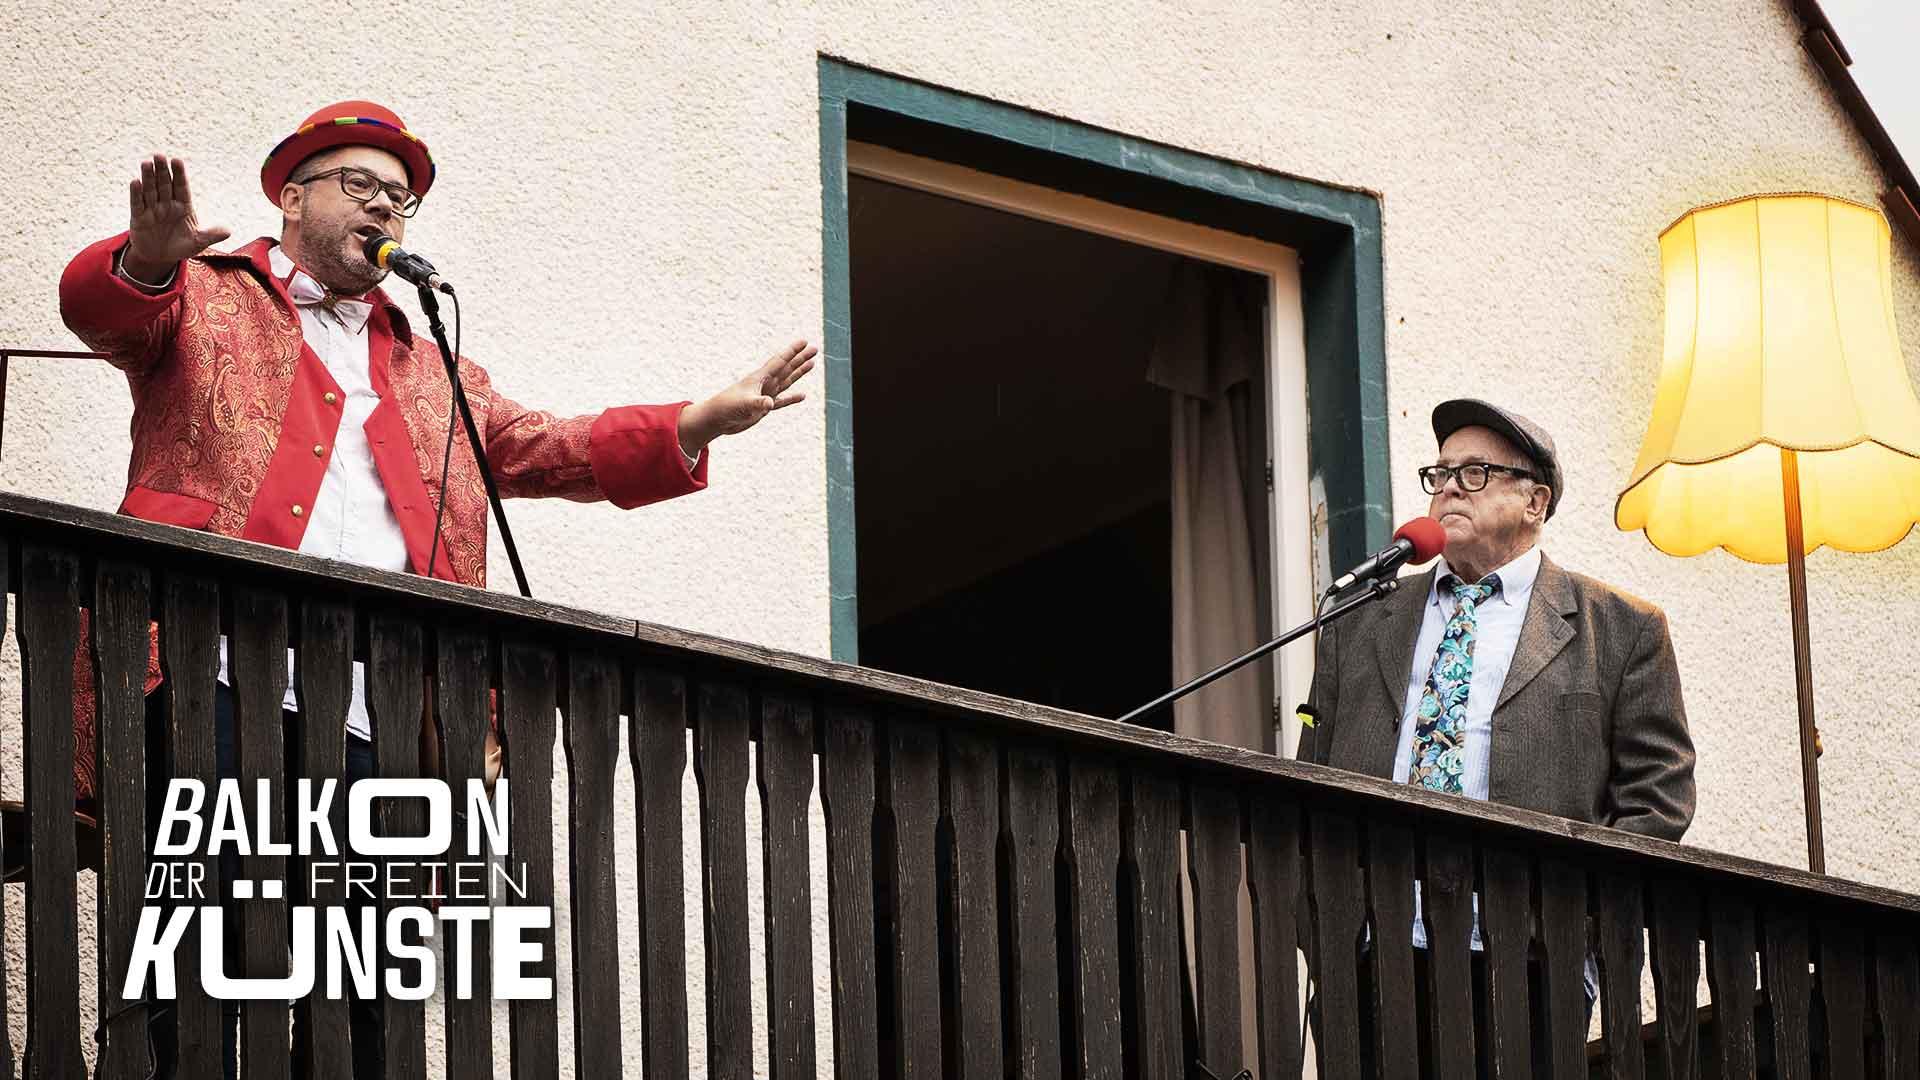 Die Kegelbrüder Marc und Dieter Lehwald auf dem Balkon der freien Künste